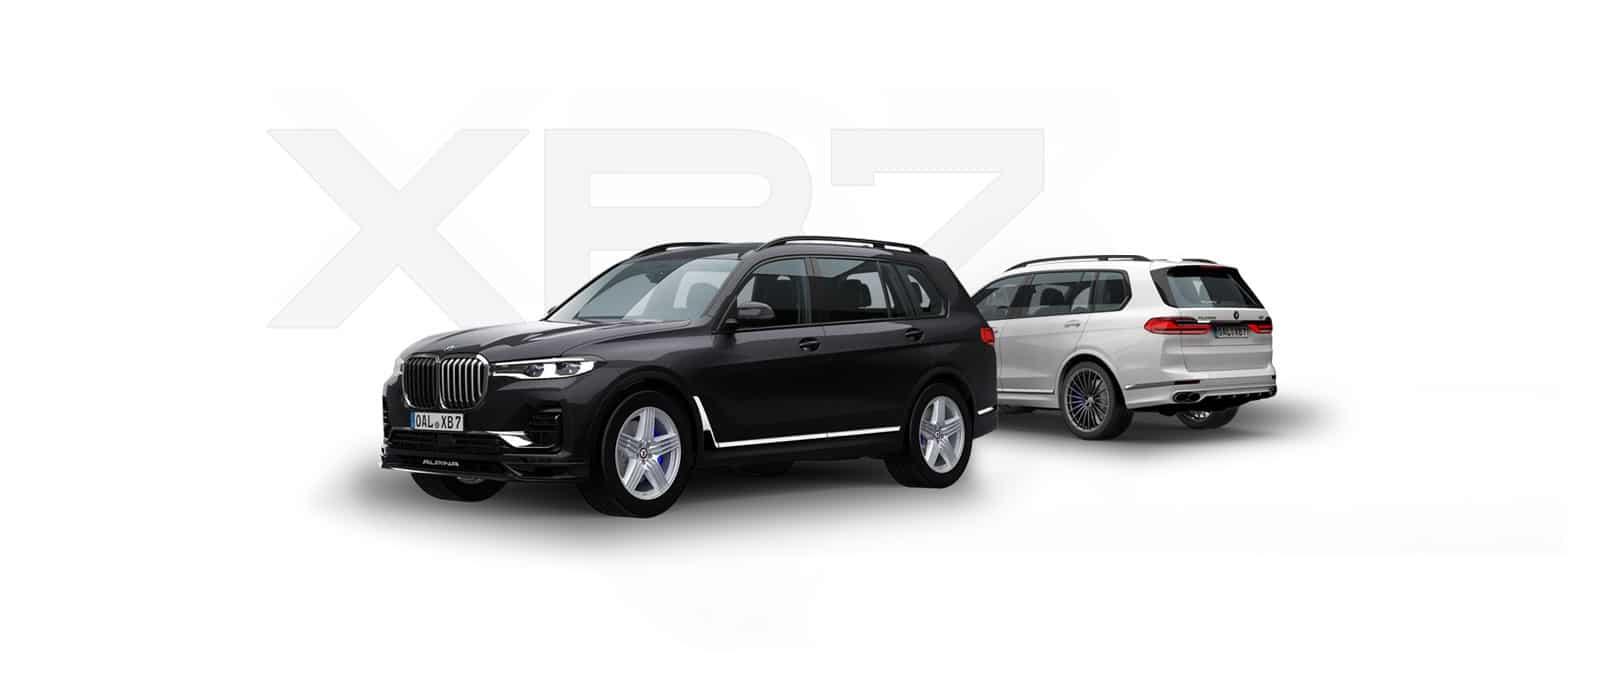 BMW ALPINA XB7 для приключений первого класса 11